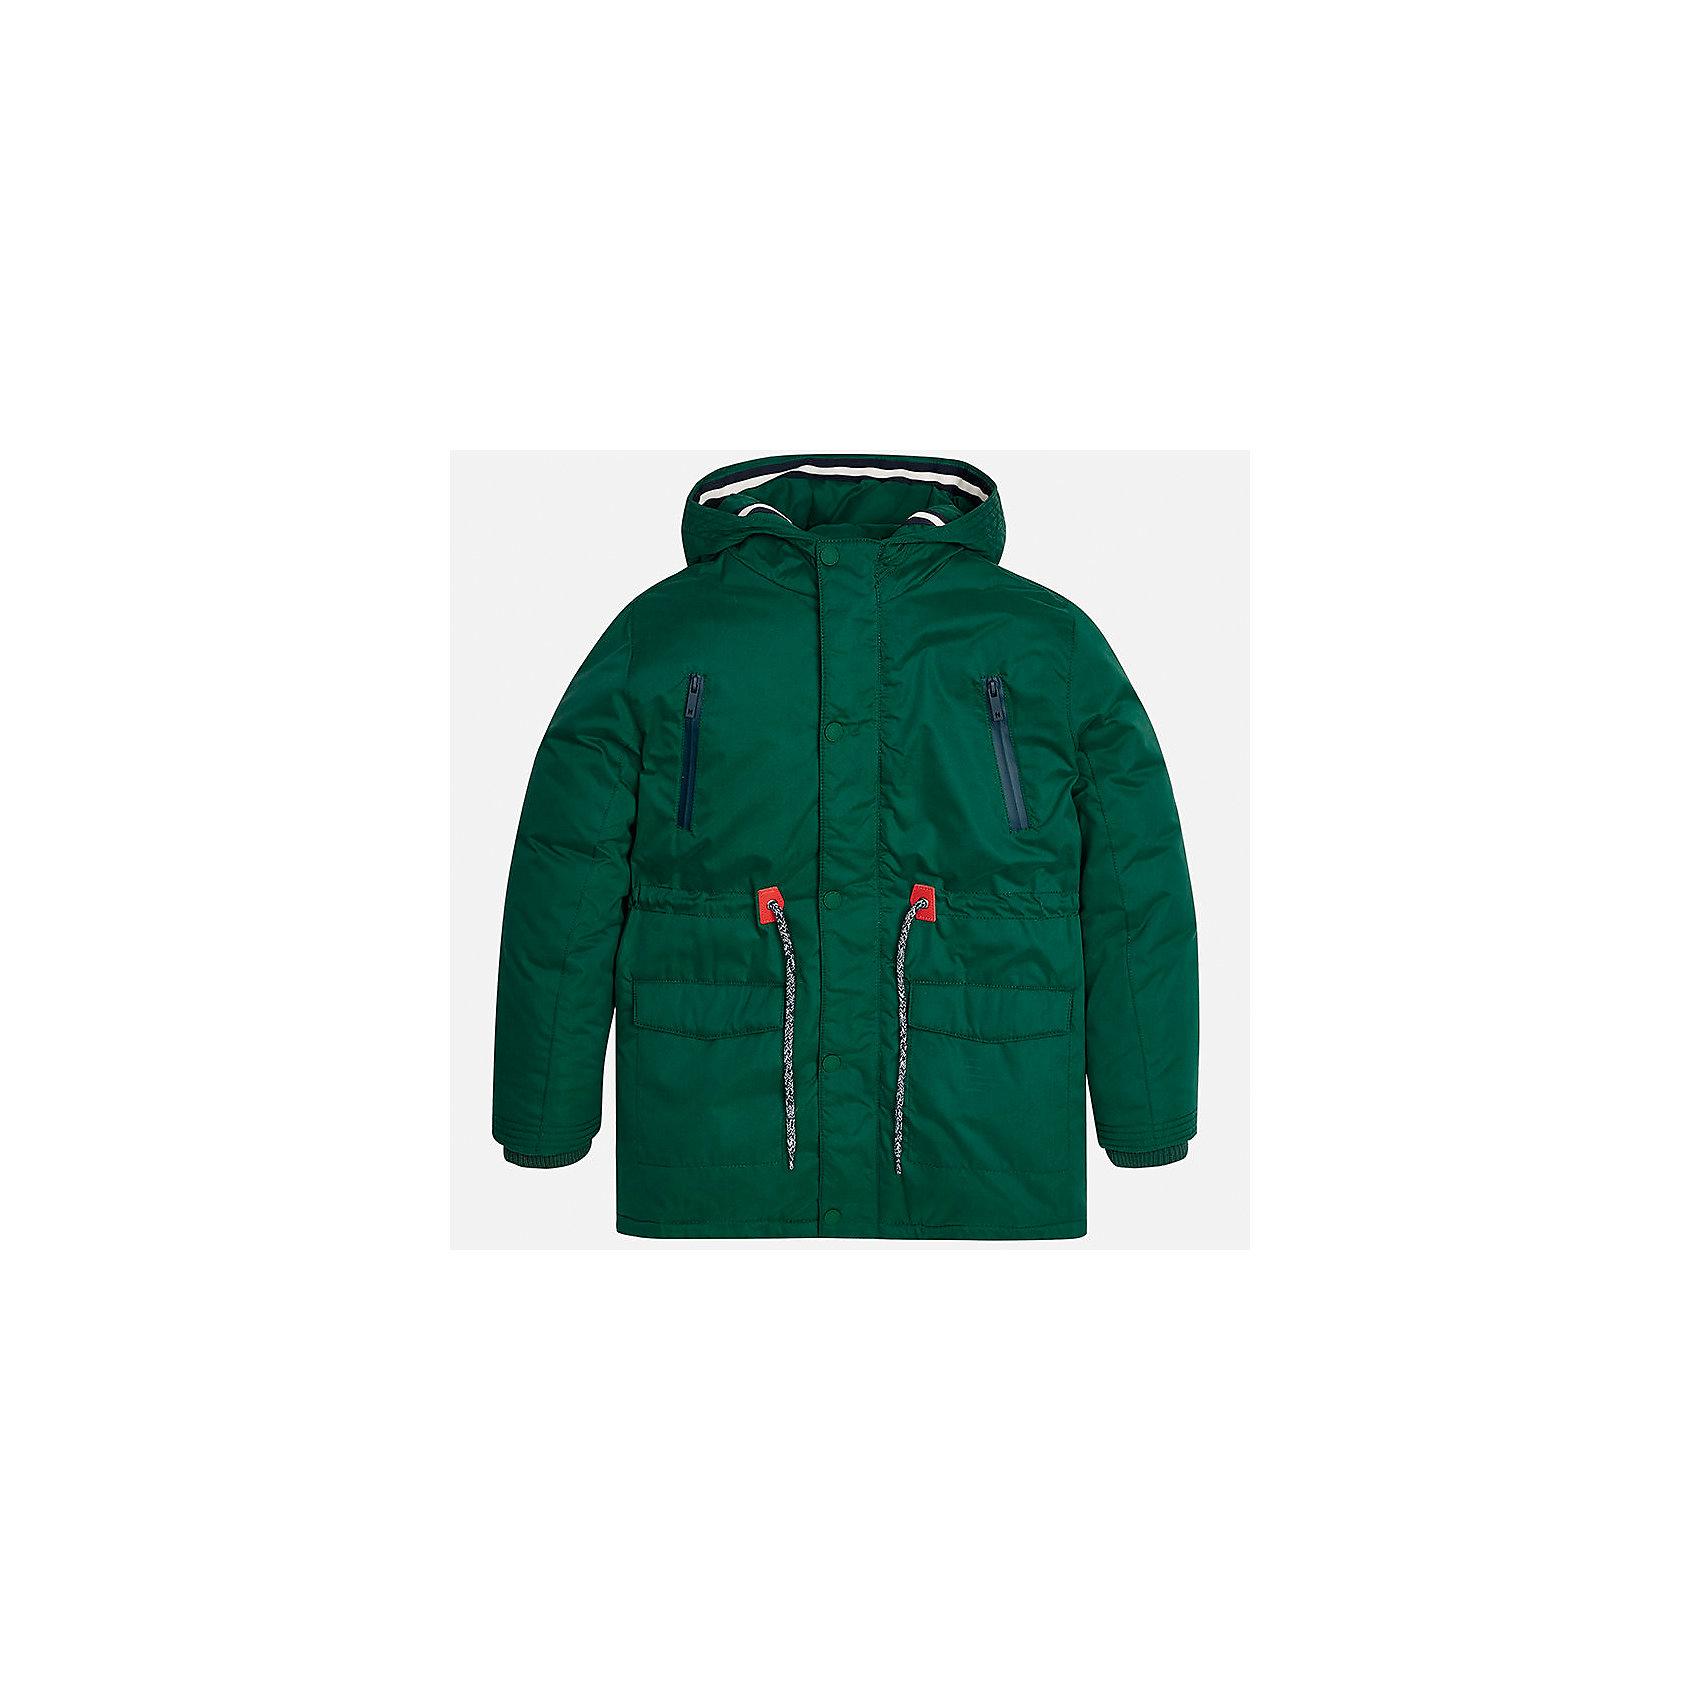 Куртка для мальчика MayoralВерхняя одежда<br>Характеристики товара:<br><br>• цвет: зеленый;<br>• сезон: демисезон;<br>• температурный режим: от 0 до +10С;<br>• состав ткани: 100% полиэстер;<br>• состав подкладки: 100% полиэстер;<br>• на молнии и на кнопках;<br>• фасон: парка;<br>• регулируемая талия на шнурке;<br>• капюшон:   не отстегивается, без меха;<br>• страна бренда: Испания;<br>• страна изготовитель: Китай.<br><br>Утепленная демисезонная куртка для мальчика от популярного бренда Mayoral,  модный фасон - парка  несомненно понравится вам и вашему ребенку. Качественные ткани, безупречное исполнение, все модели в центре модных тенденций. <br><br>Удлиненная модель яркого зеленого цвета выполнена из мягкой плащевой ткани и внутреннего утеплителя, обеспечивающие хорошую воздухопроницаемую защиту и тепло,  рукава и пояс на внутренних элестичных манжетах. Застегивается на молнию и на кнопки, для большего комфорта талия регулируется утяжкой на шнурке. Капюшон  не отстегивается,  верхние передние карманы на молнии и нижние передние карманы на кнопках. Декорирована контрастной оконтовко и нашивкой-логотипом на рукаве.<br><br>Легкая и теплая куртка-парка с капюшоном и карманами на холодную осень-весну. Грамотный крой изделия обеспечивает отличную посадку по фигуре. Все эти преимущества делают данную модель незаменимой для активных прогулок и повседневной носки.<br><br>Утепленную демисезонную куртку-парку  для мальчика Mayoral (Майорал) можно купить в нашем интернет-магазине.<br><br>Ширина мм: 356<br>Глубина мм: 10<br>Высота мм: 245<br>Вес г: 519<br>Цвет: зеленый<br>Возраст от месяцев: 168<br>Возраст до месяцев: 180<br>Пол: Мужской<br>Возраст: Детский<br>Размер: 170,128/134,140,152,158,164<br>SKU: 6938803